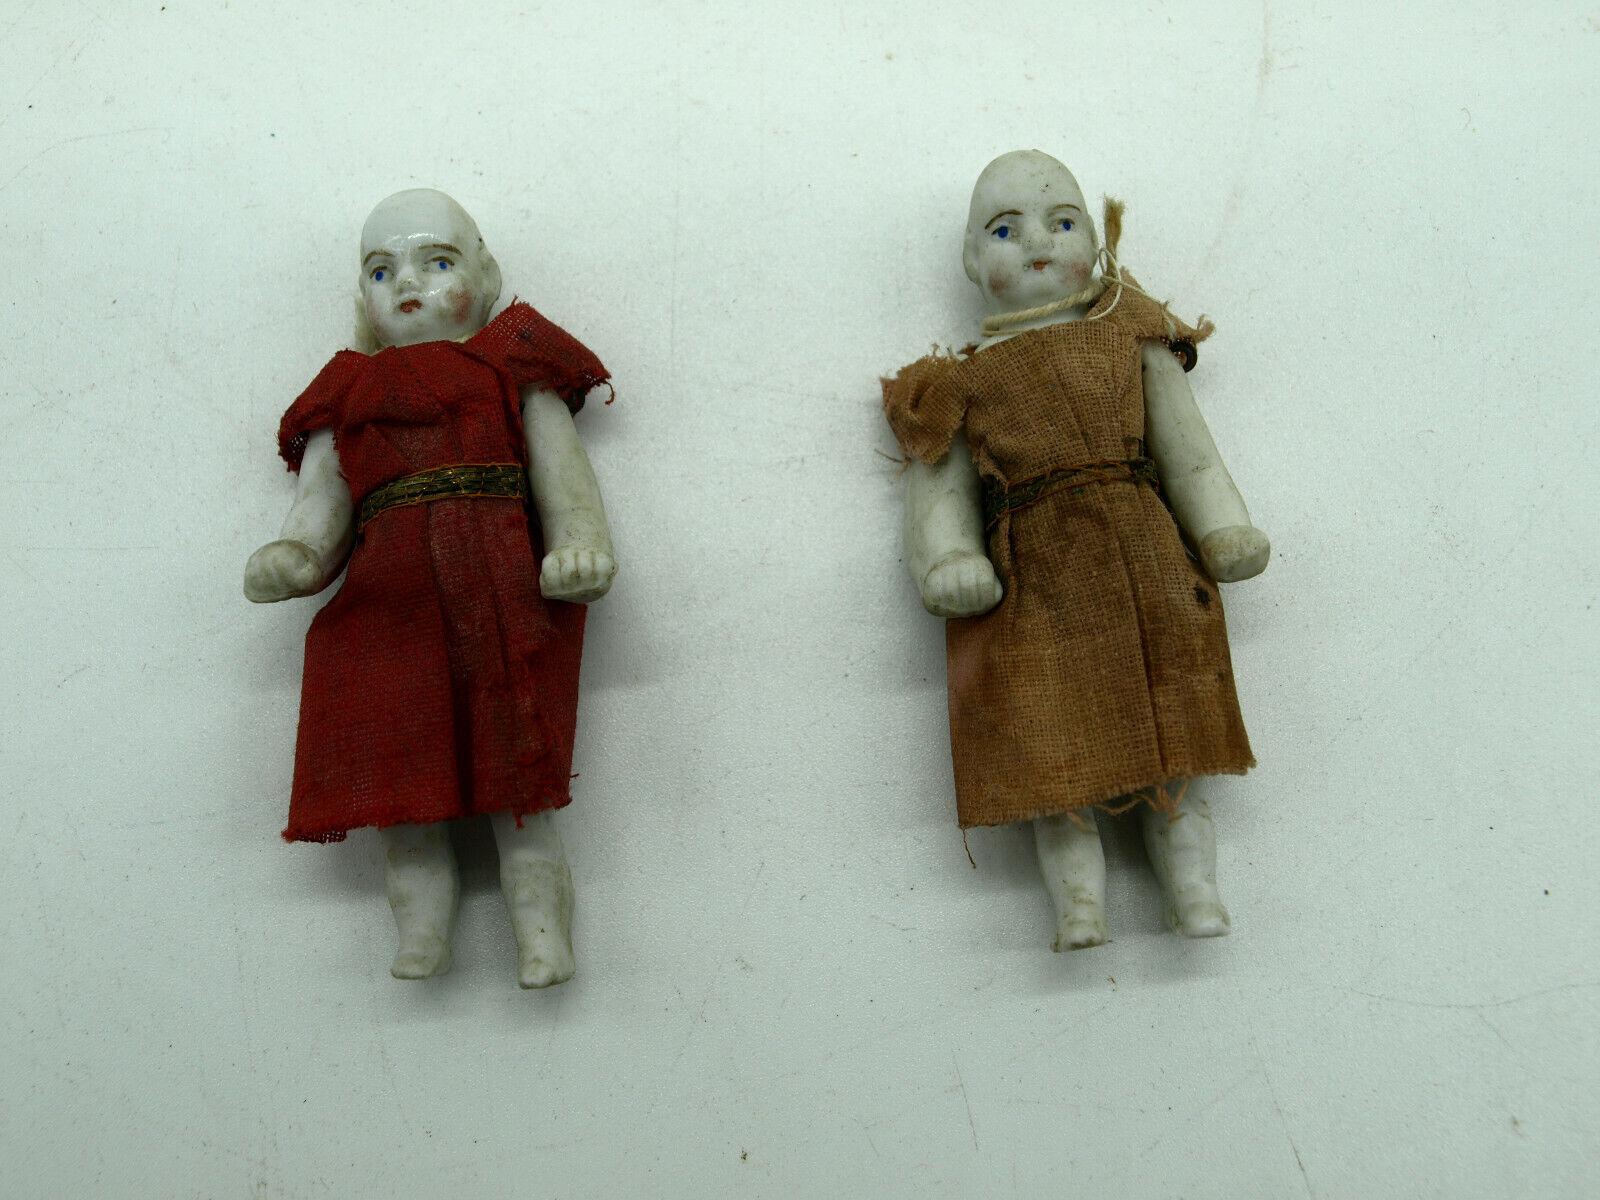 2 RARE Antique German Victorian Dollhouse Dolls Porcelain Bisque Doll 3